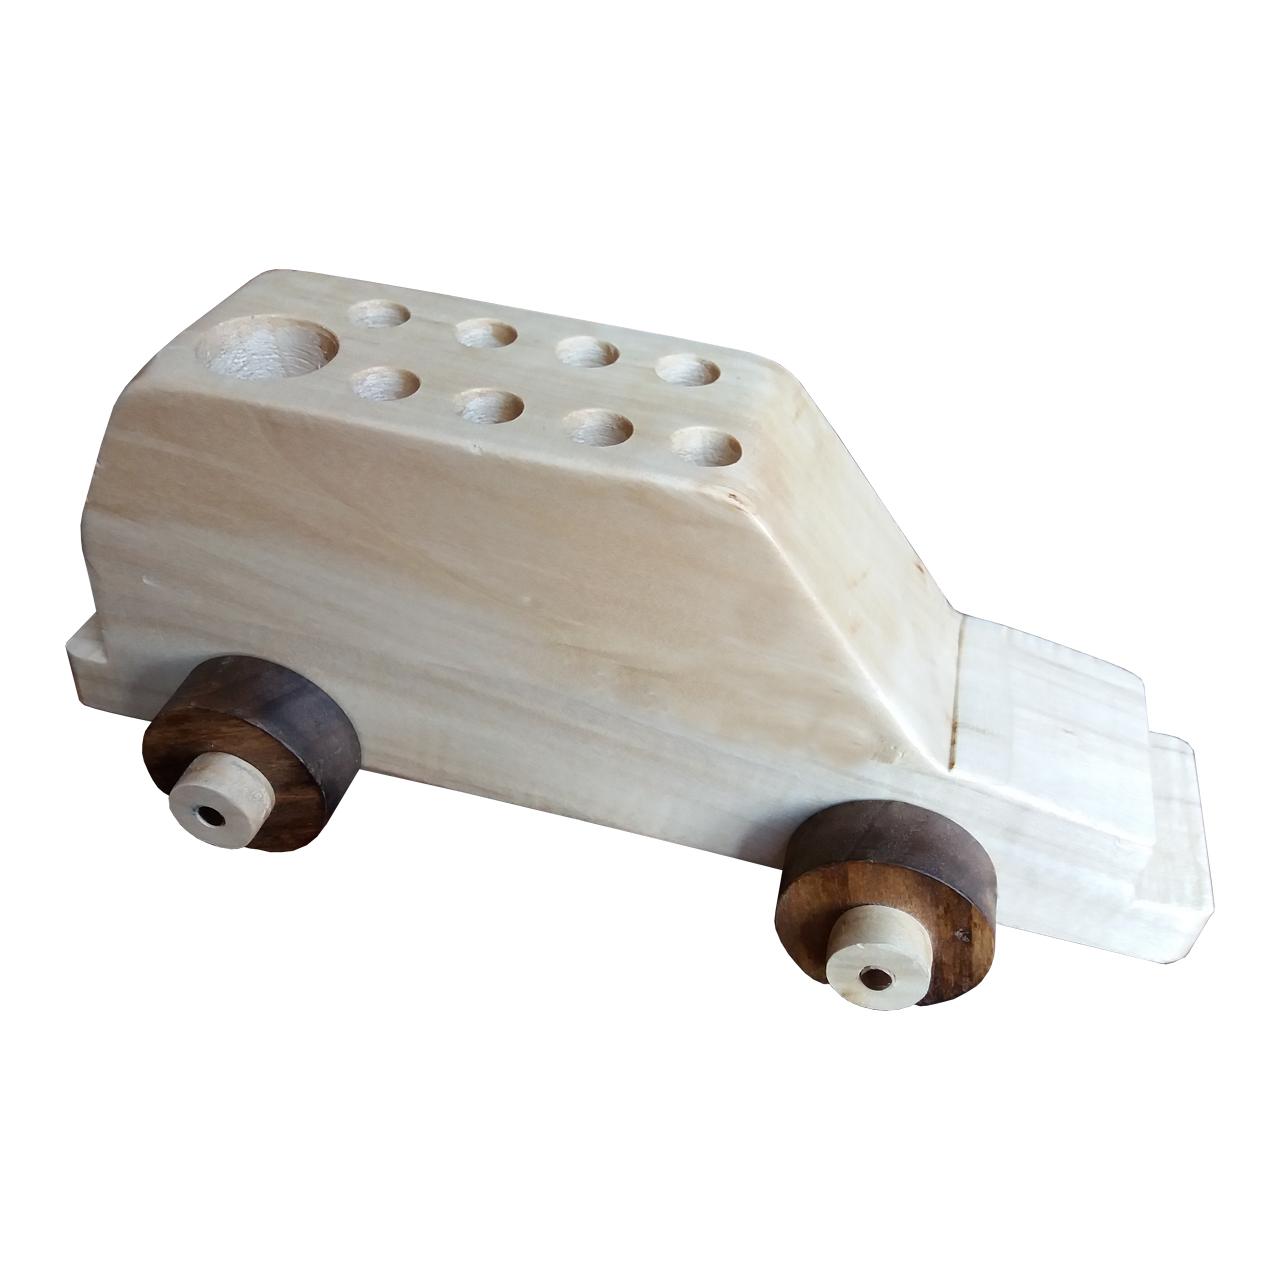 جامدادی رومیزی چوبیکا مدل ماشین چوبی